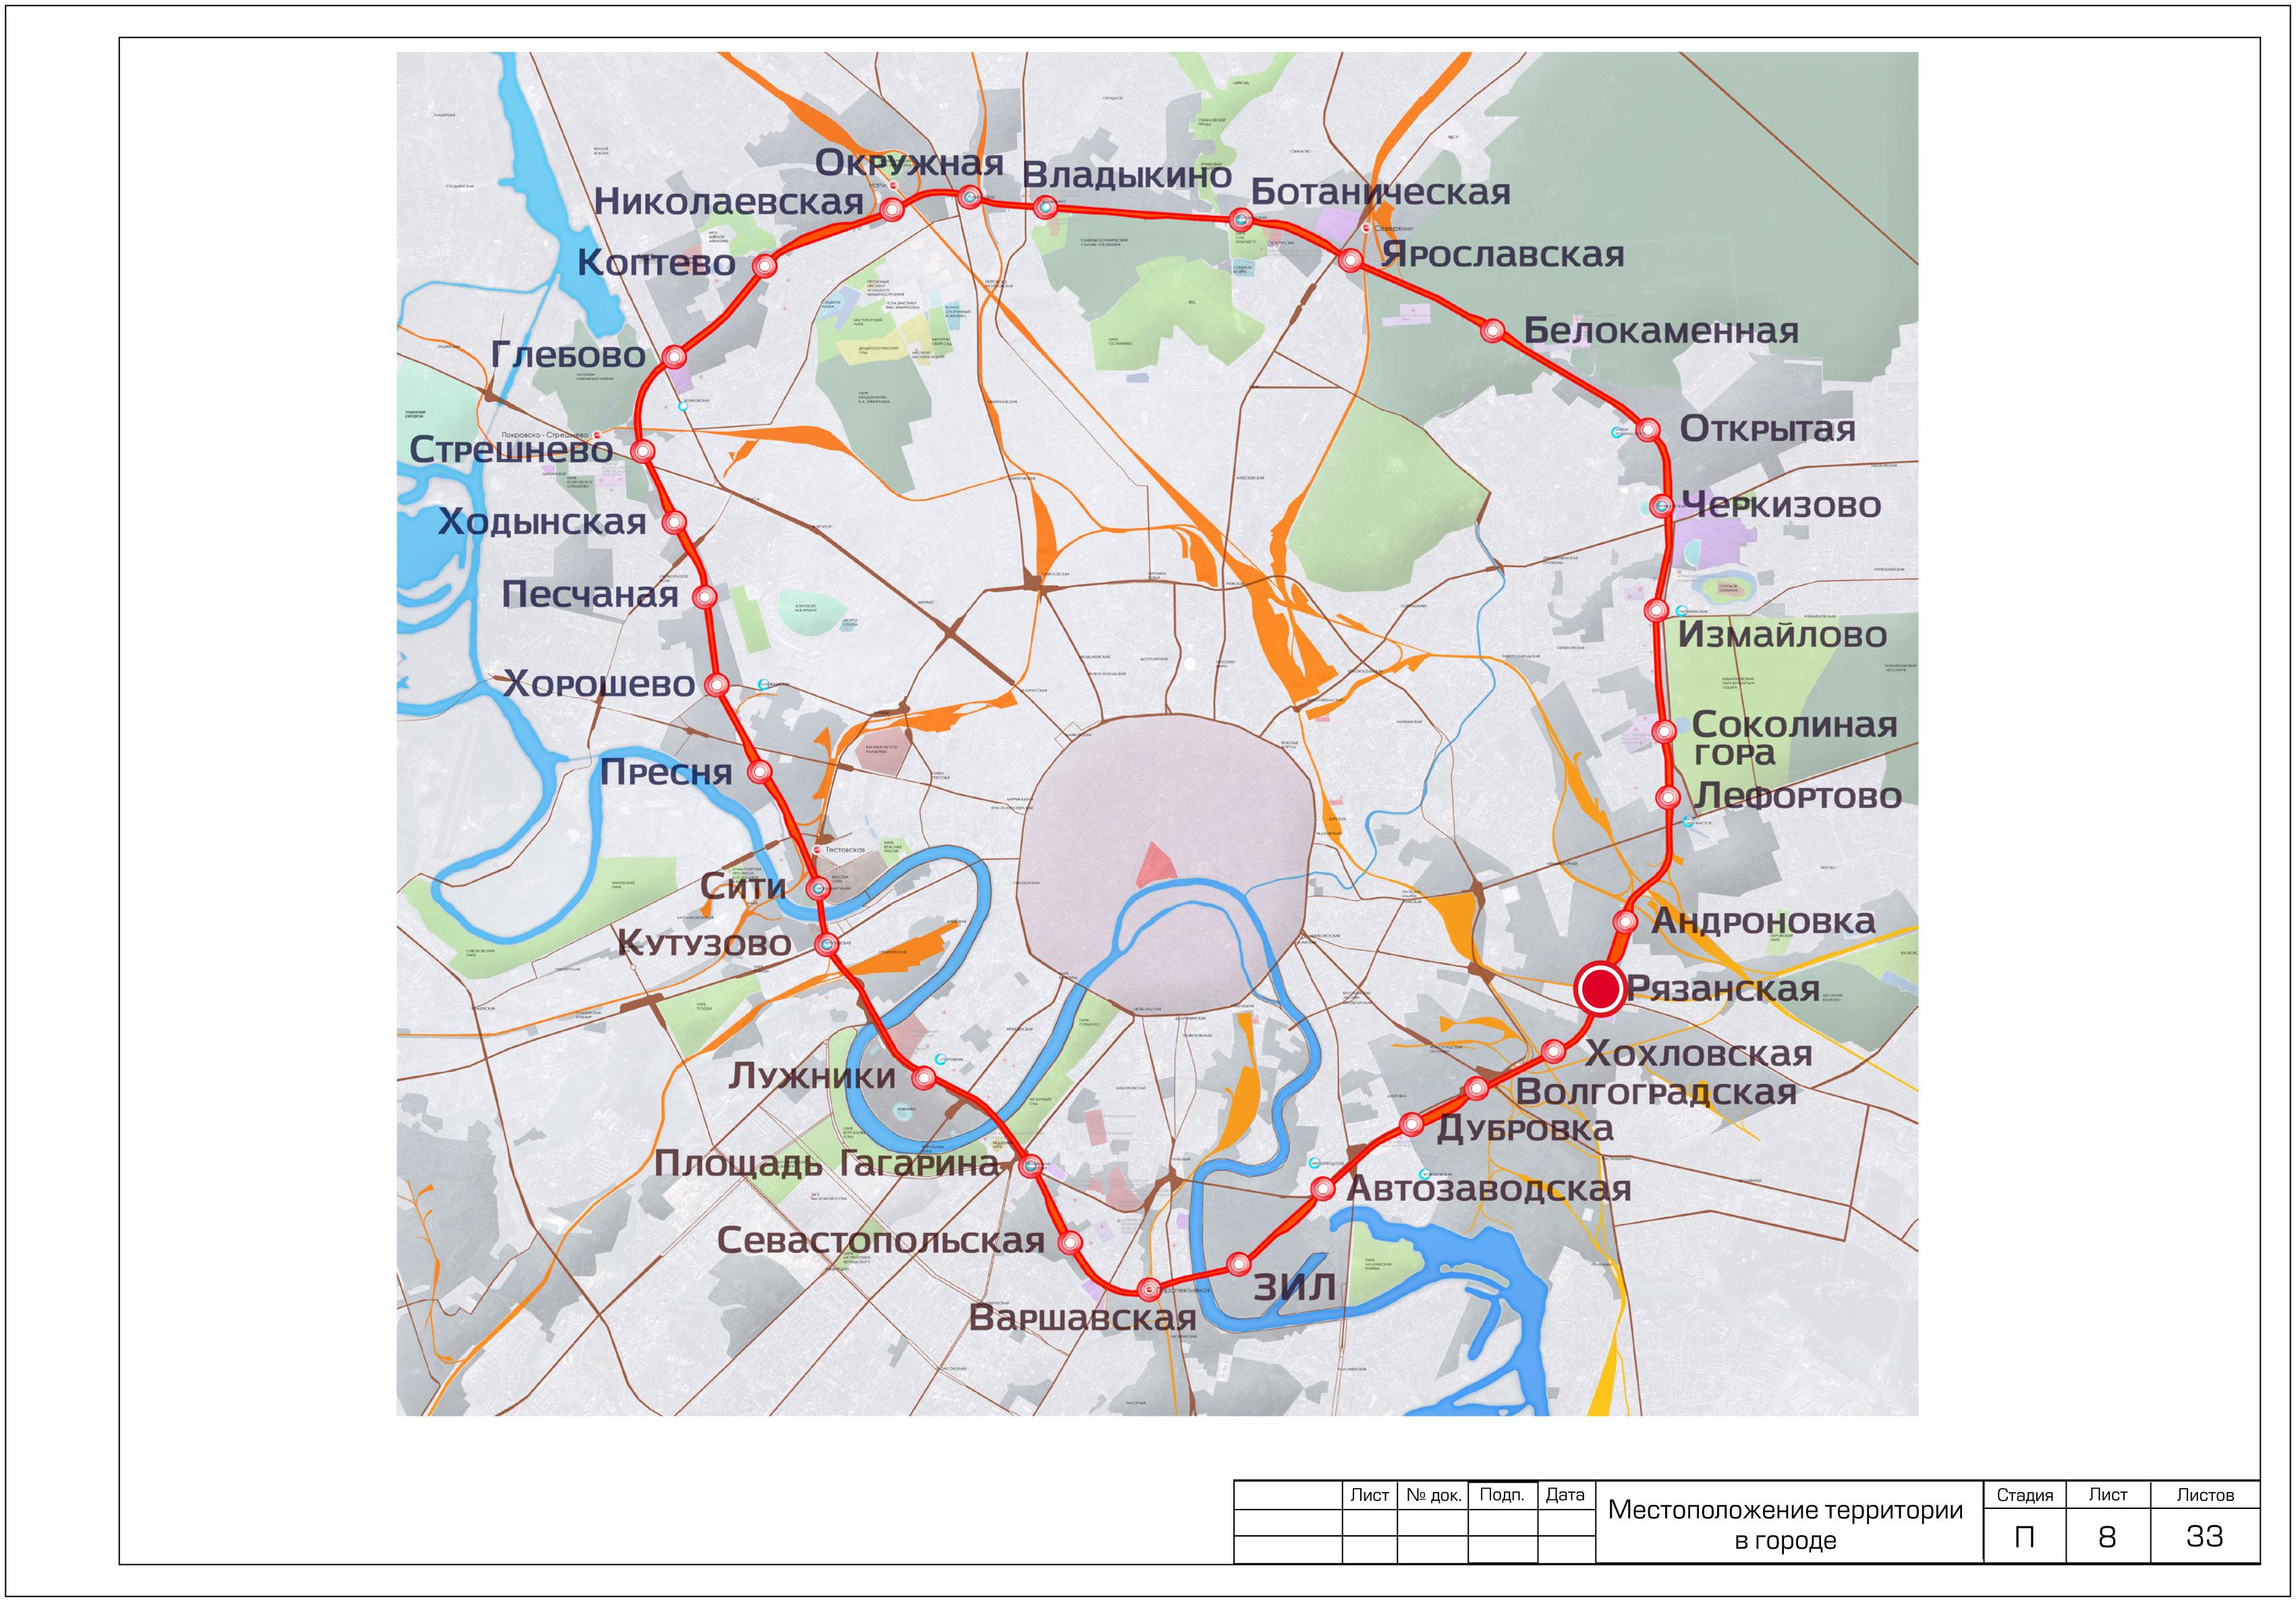 Тпу нижегородский схема